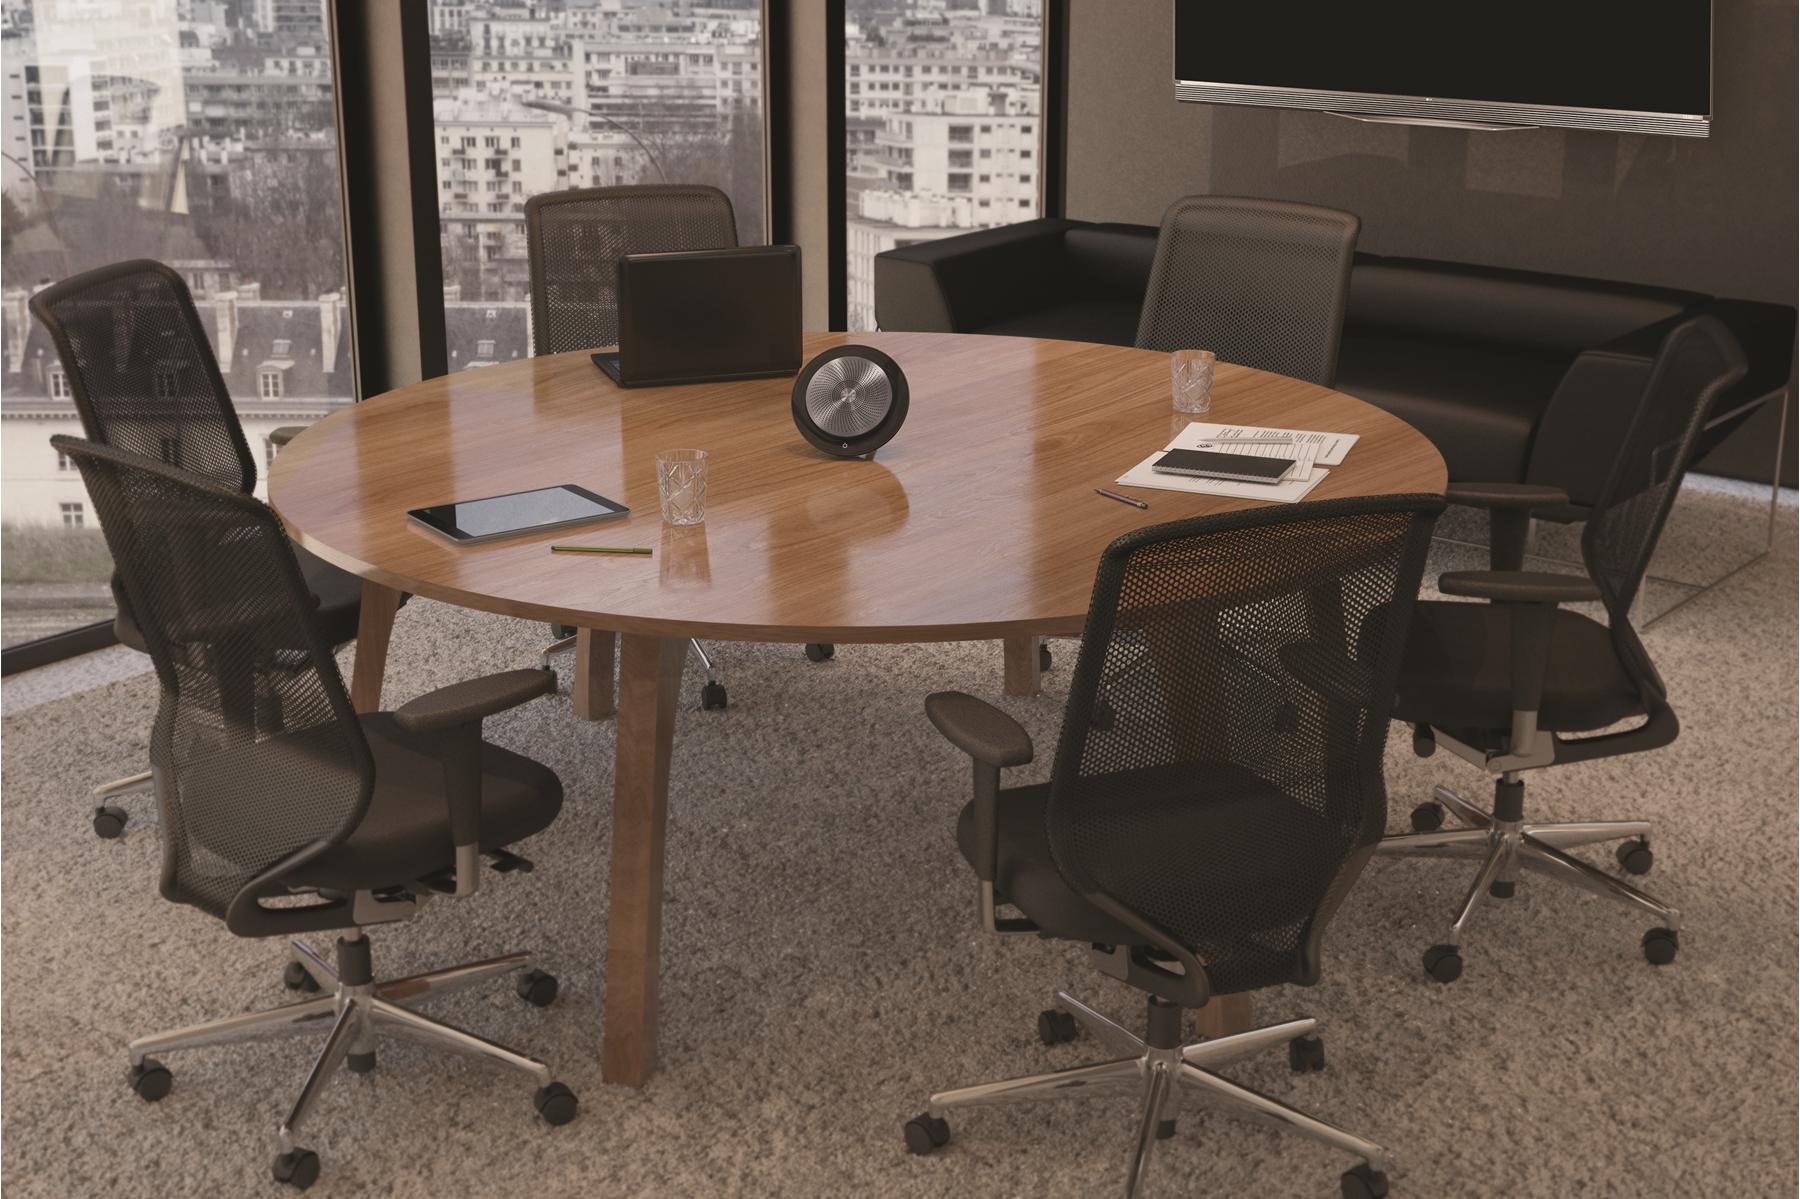 Conference Room Speakerphone Reviews